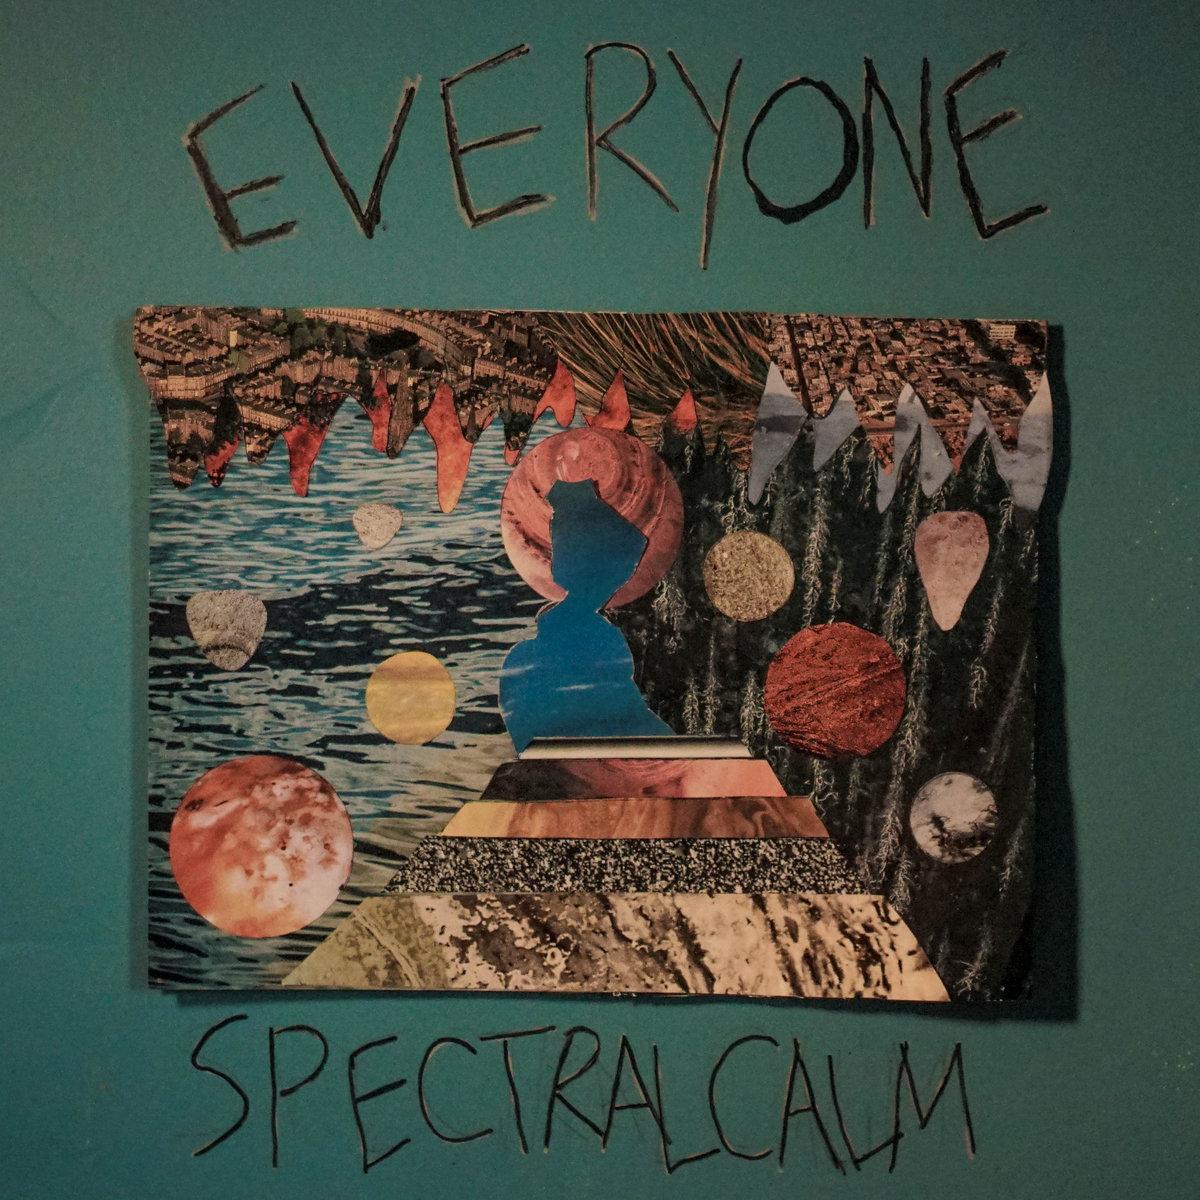 'Spectral Calm' by Everyone | via everyoneband.bandcamp.com